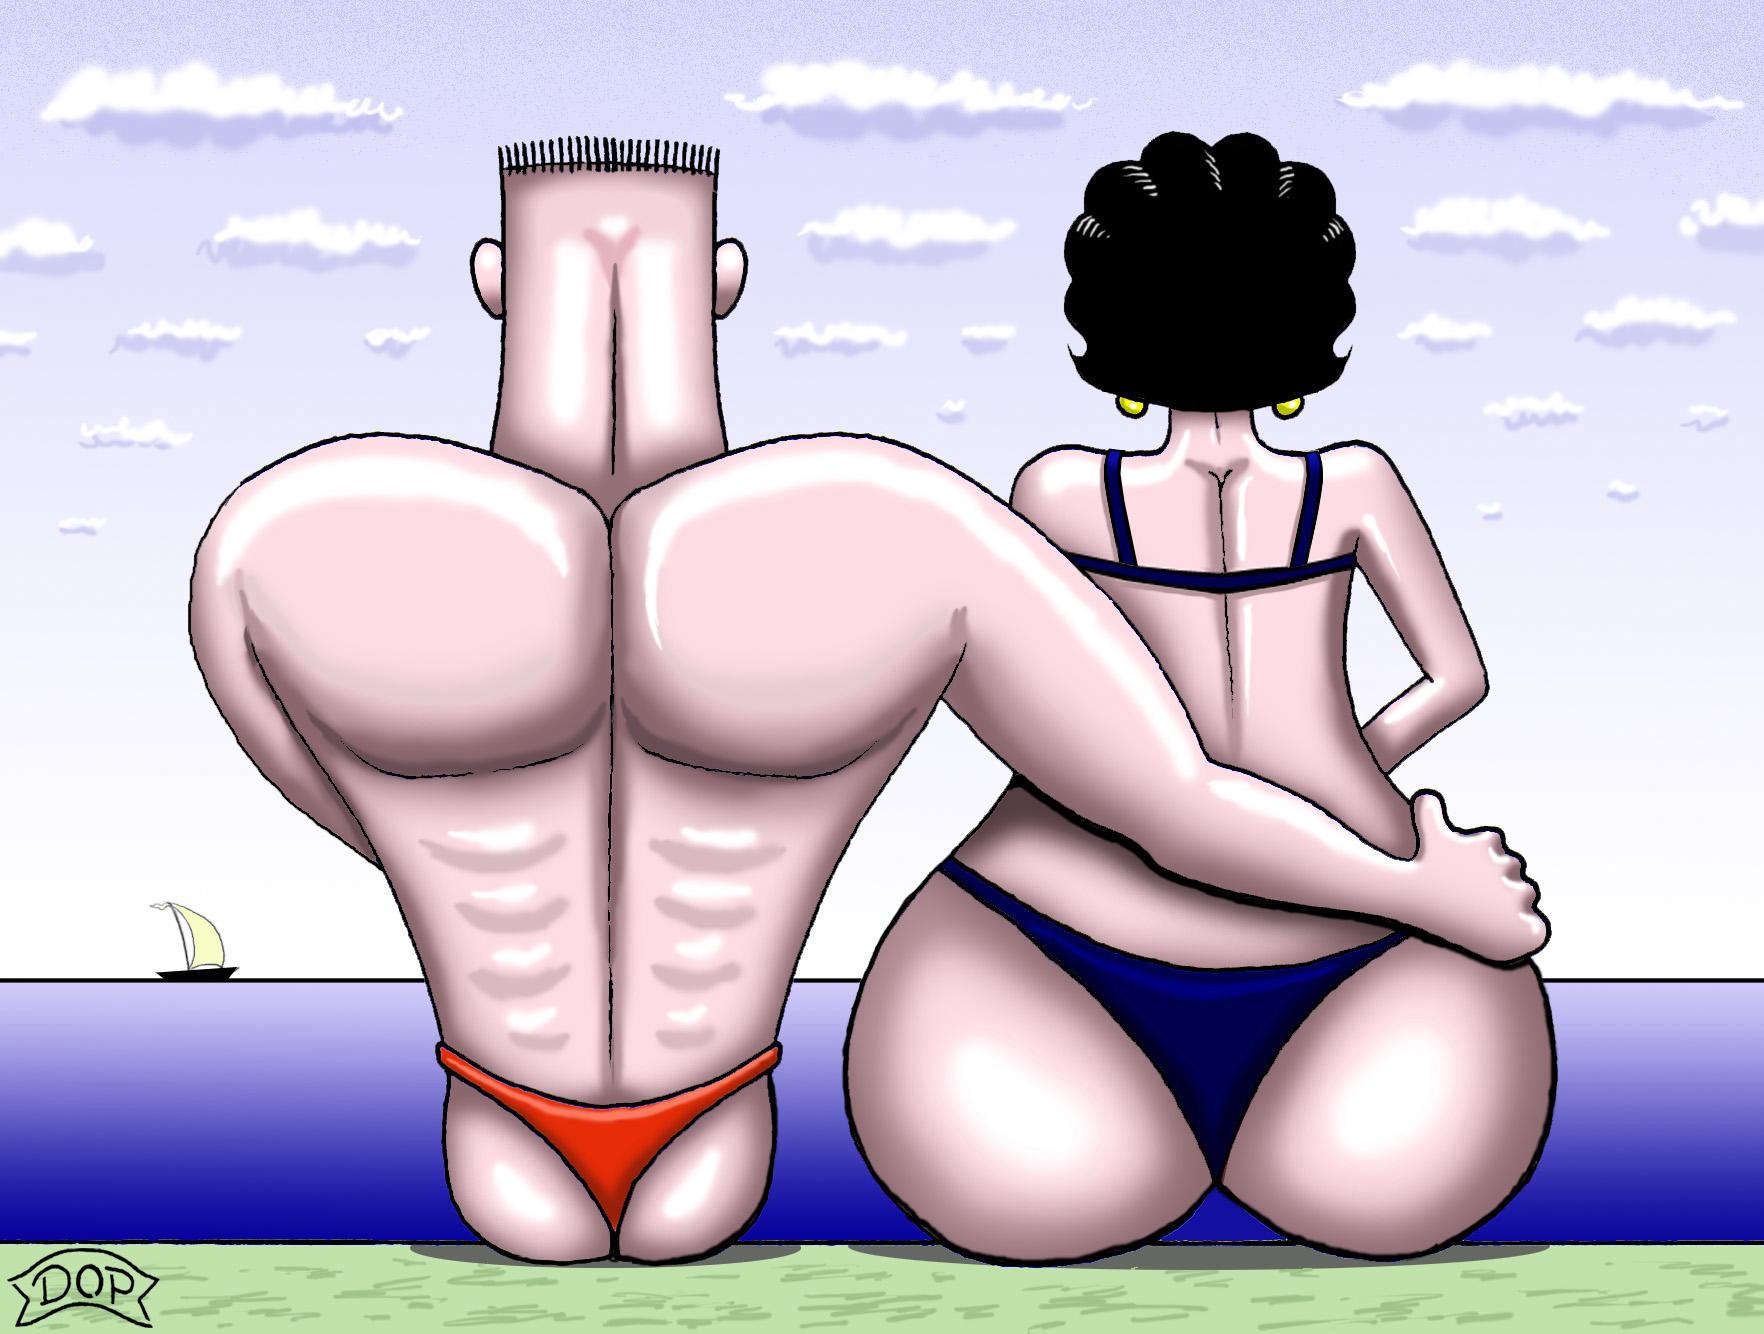 Caricature porn erotic scenes